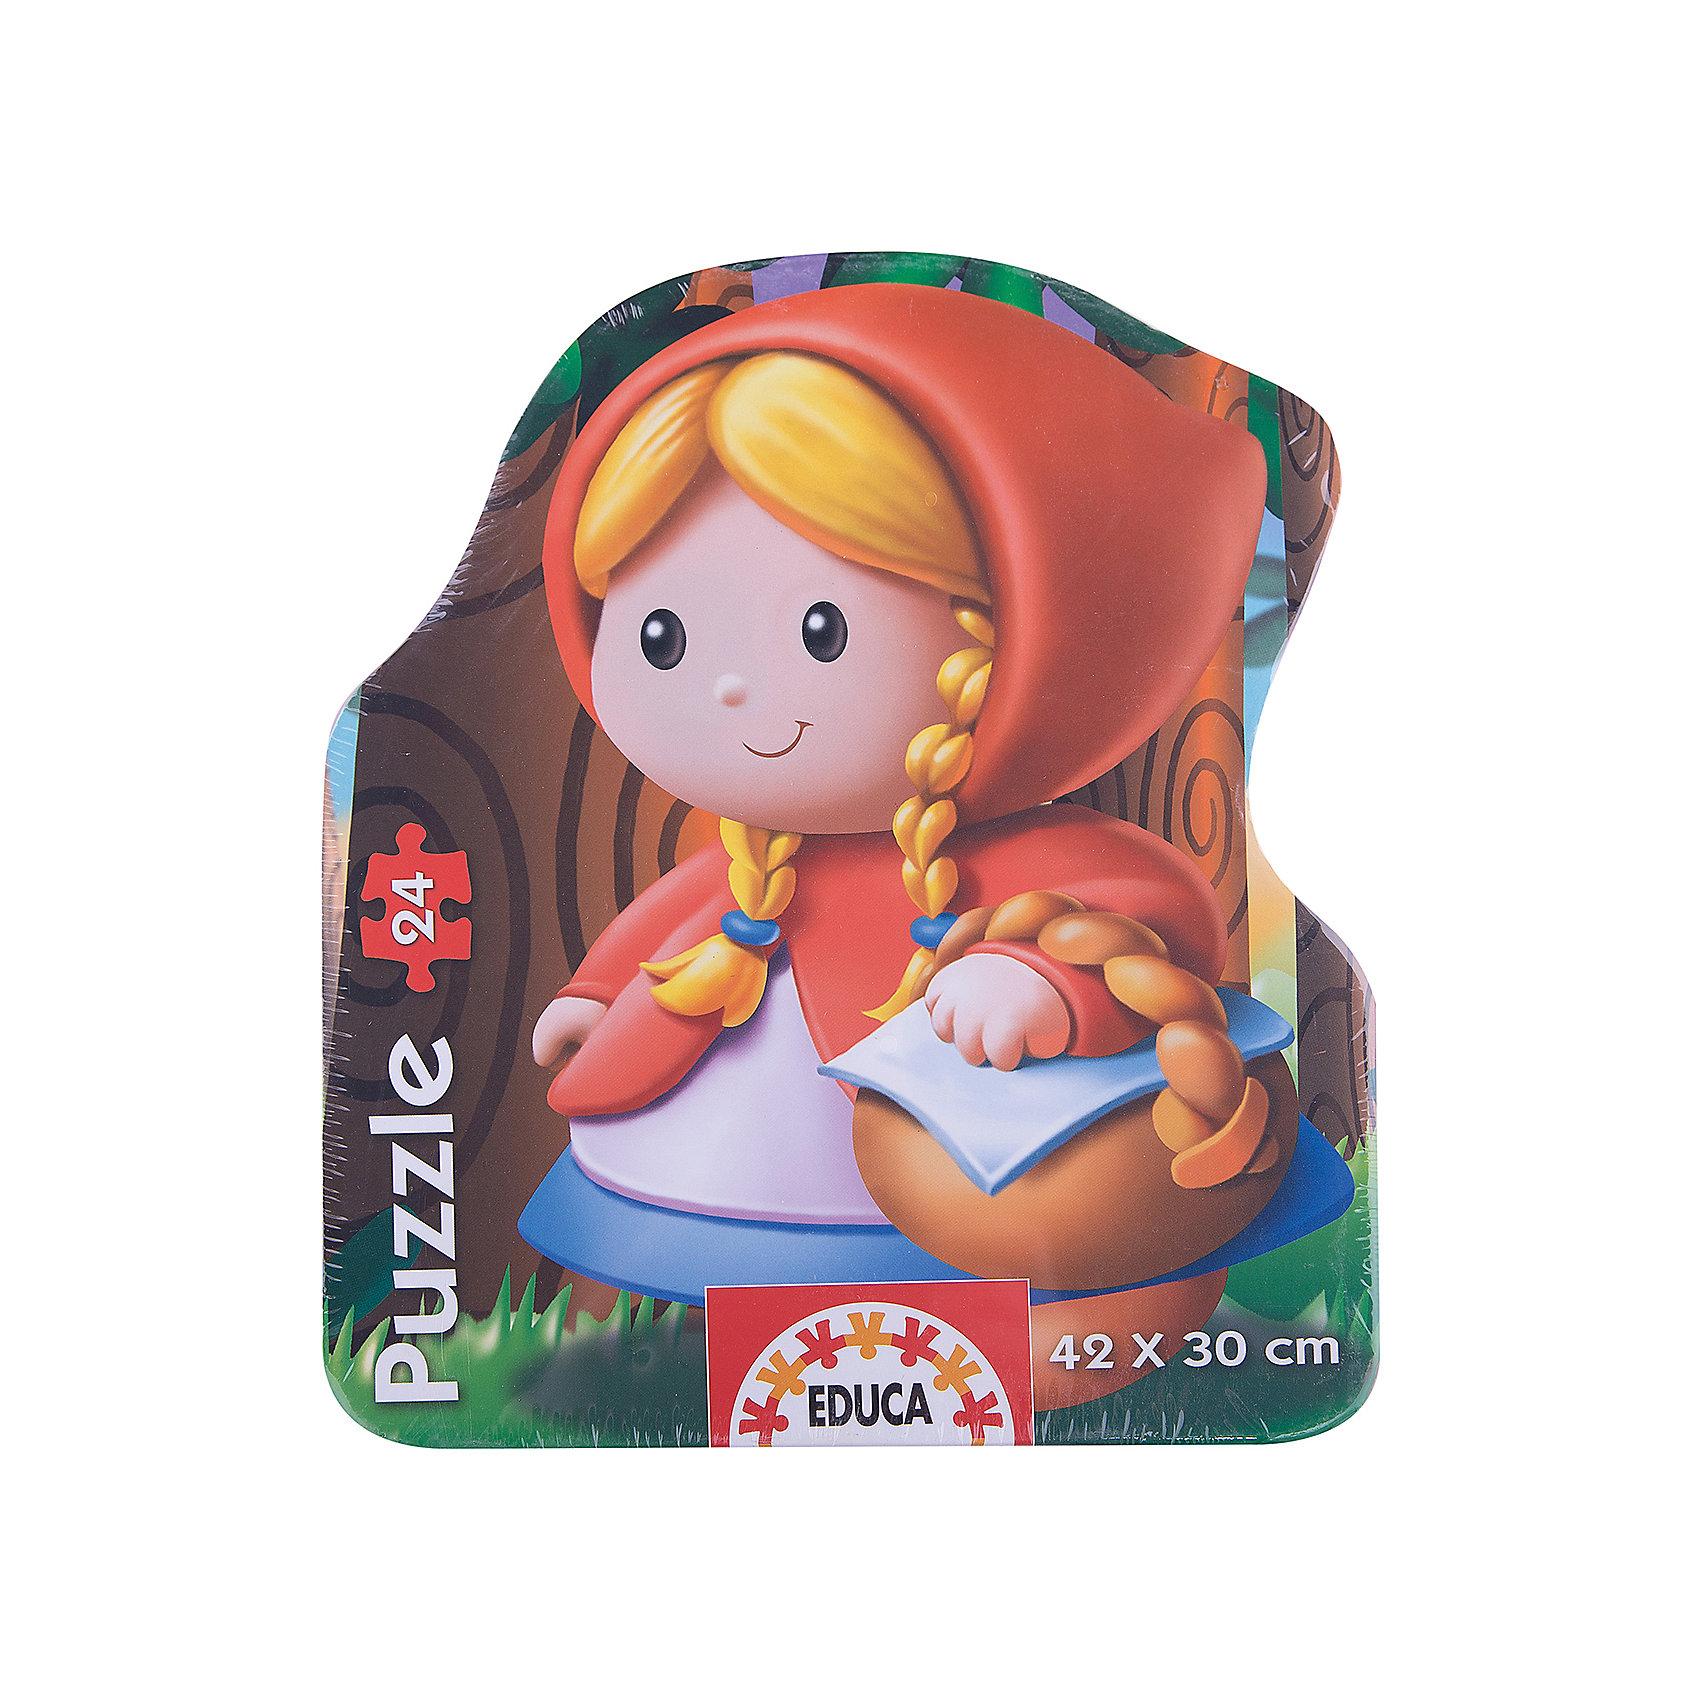 Пазл-силуэт Красная Шапочка, 24 детали, EducaПазлы для малышей<br>Пазл-силуэт Красная Шапочка, Educa<br><br>Характеристики:<br><br>• Количество деталей: 24 шт.<br>• Размер упаковки: 25 * 6 * 21 см.<br>Размер собранного пазла: 42 * 30 см.<br>• Состав: картон<br>• Вес: 460 г.<br>• Для детей в возрасте: от 3 до 6 лет<br>• Страна производитель: Испания<br><br>Знаменитую девочку Красную Шапочку можно собрать отдельно по предоставленному контуру или же сразу в лесу на пути к бабушке. Этот необычный пазл приведёт в восторг фанатов сказки и даст им новую нелегкую задачу по сборке этого пазла. Ребёнок сможет расширить свой кругозор и увеличить словарный запас, работая с этим пазлом.<br><br>Пазл-силуэт Красная Шапочка, Educa можно купить в нашем интернет-магазине.<br><br>Ширина мм: 245<br>Глубина мм: 200<br>Высота мм: 60<br>Вес г: 440<br>Возраст от месяцев: 36<br>Возраст до месяцев: 72<br>Пол: Унисекс<br>Возраст: Детский<br>Количество деталей: 24<br>SKU: 3297605